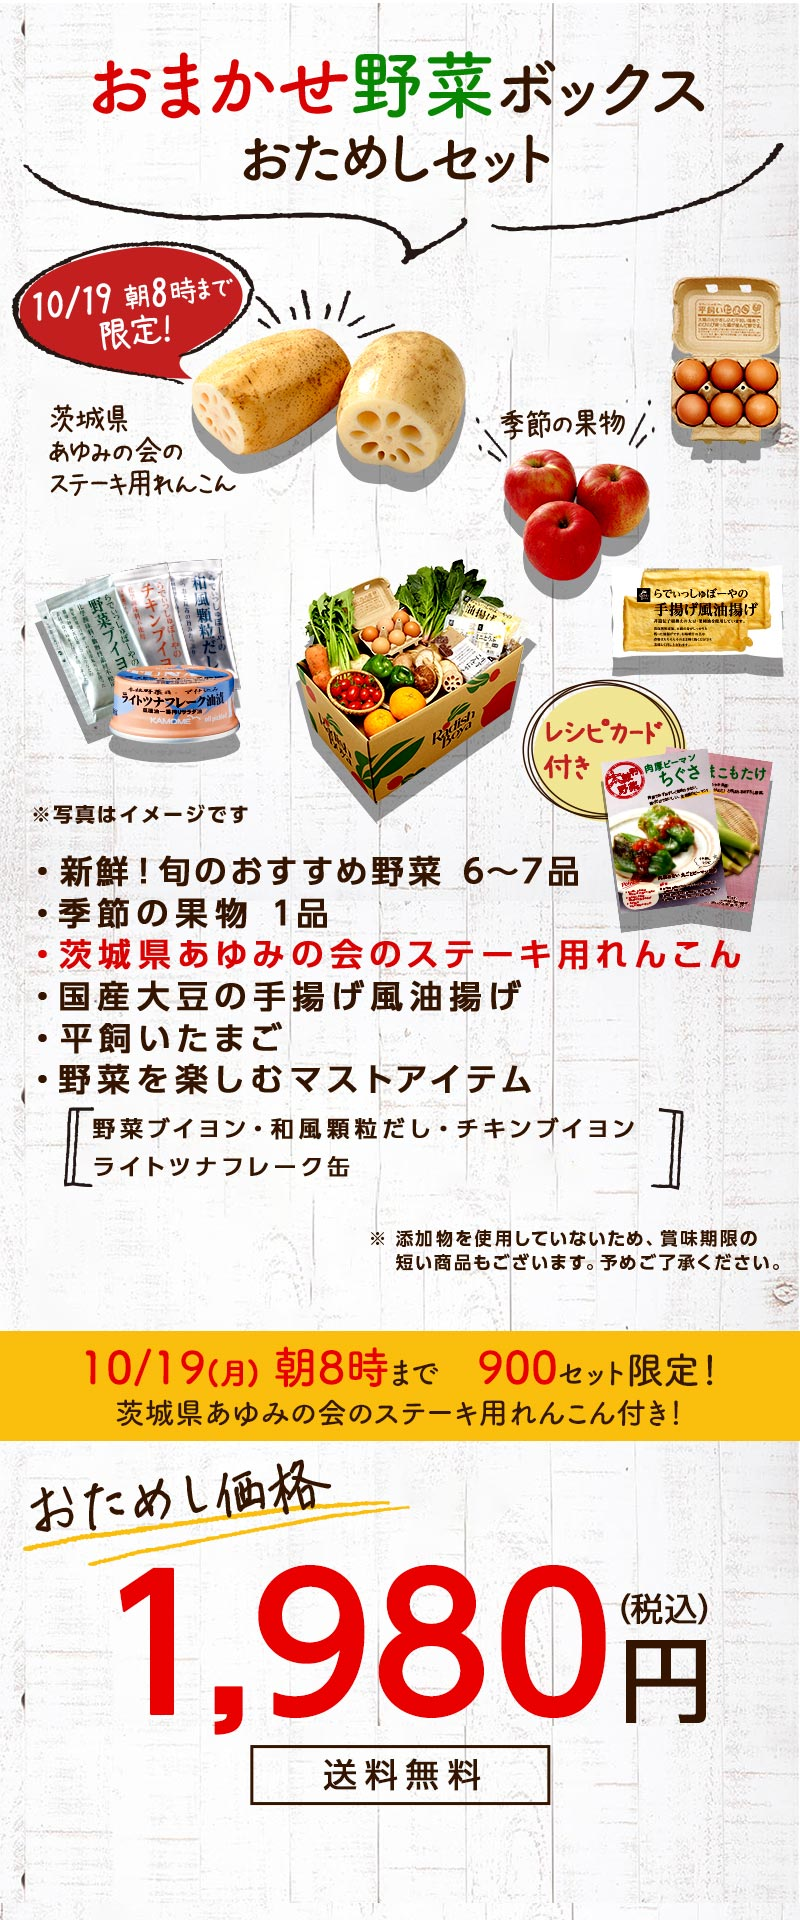 送料無料 金額返金保証 おまかせ野菜ボックス おためしセット 1,980円(税込) 期間限定9/21月)朝8時まで